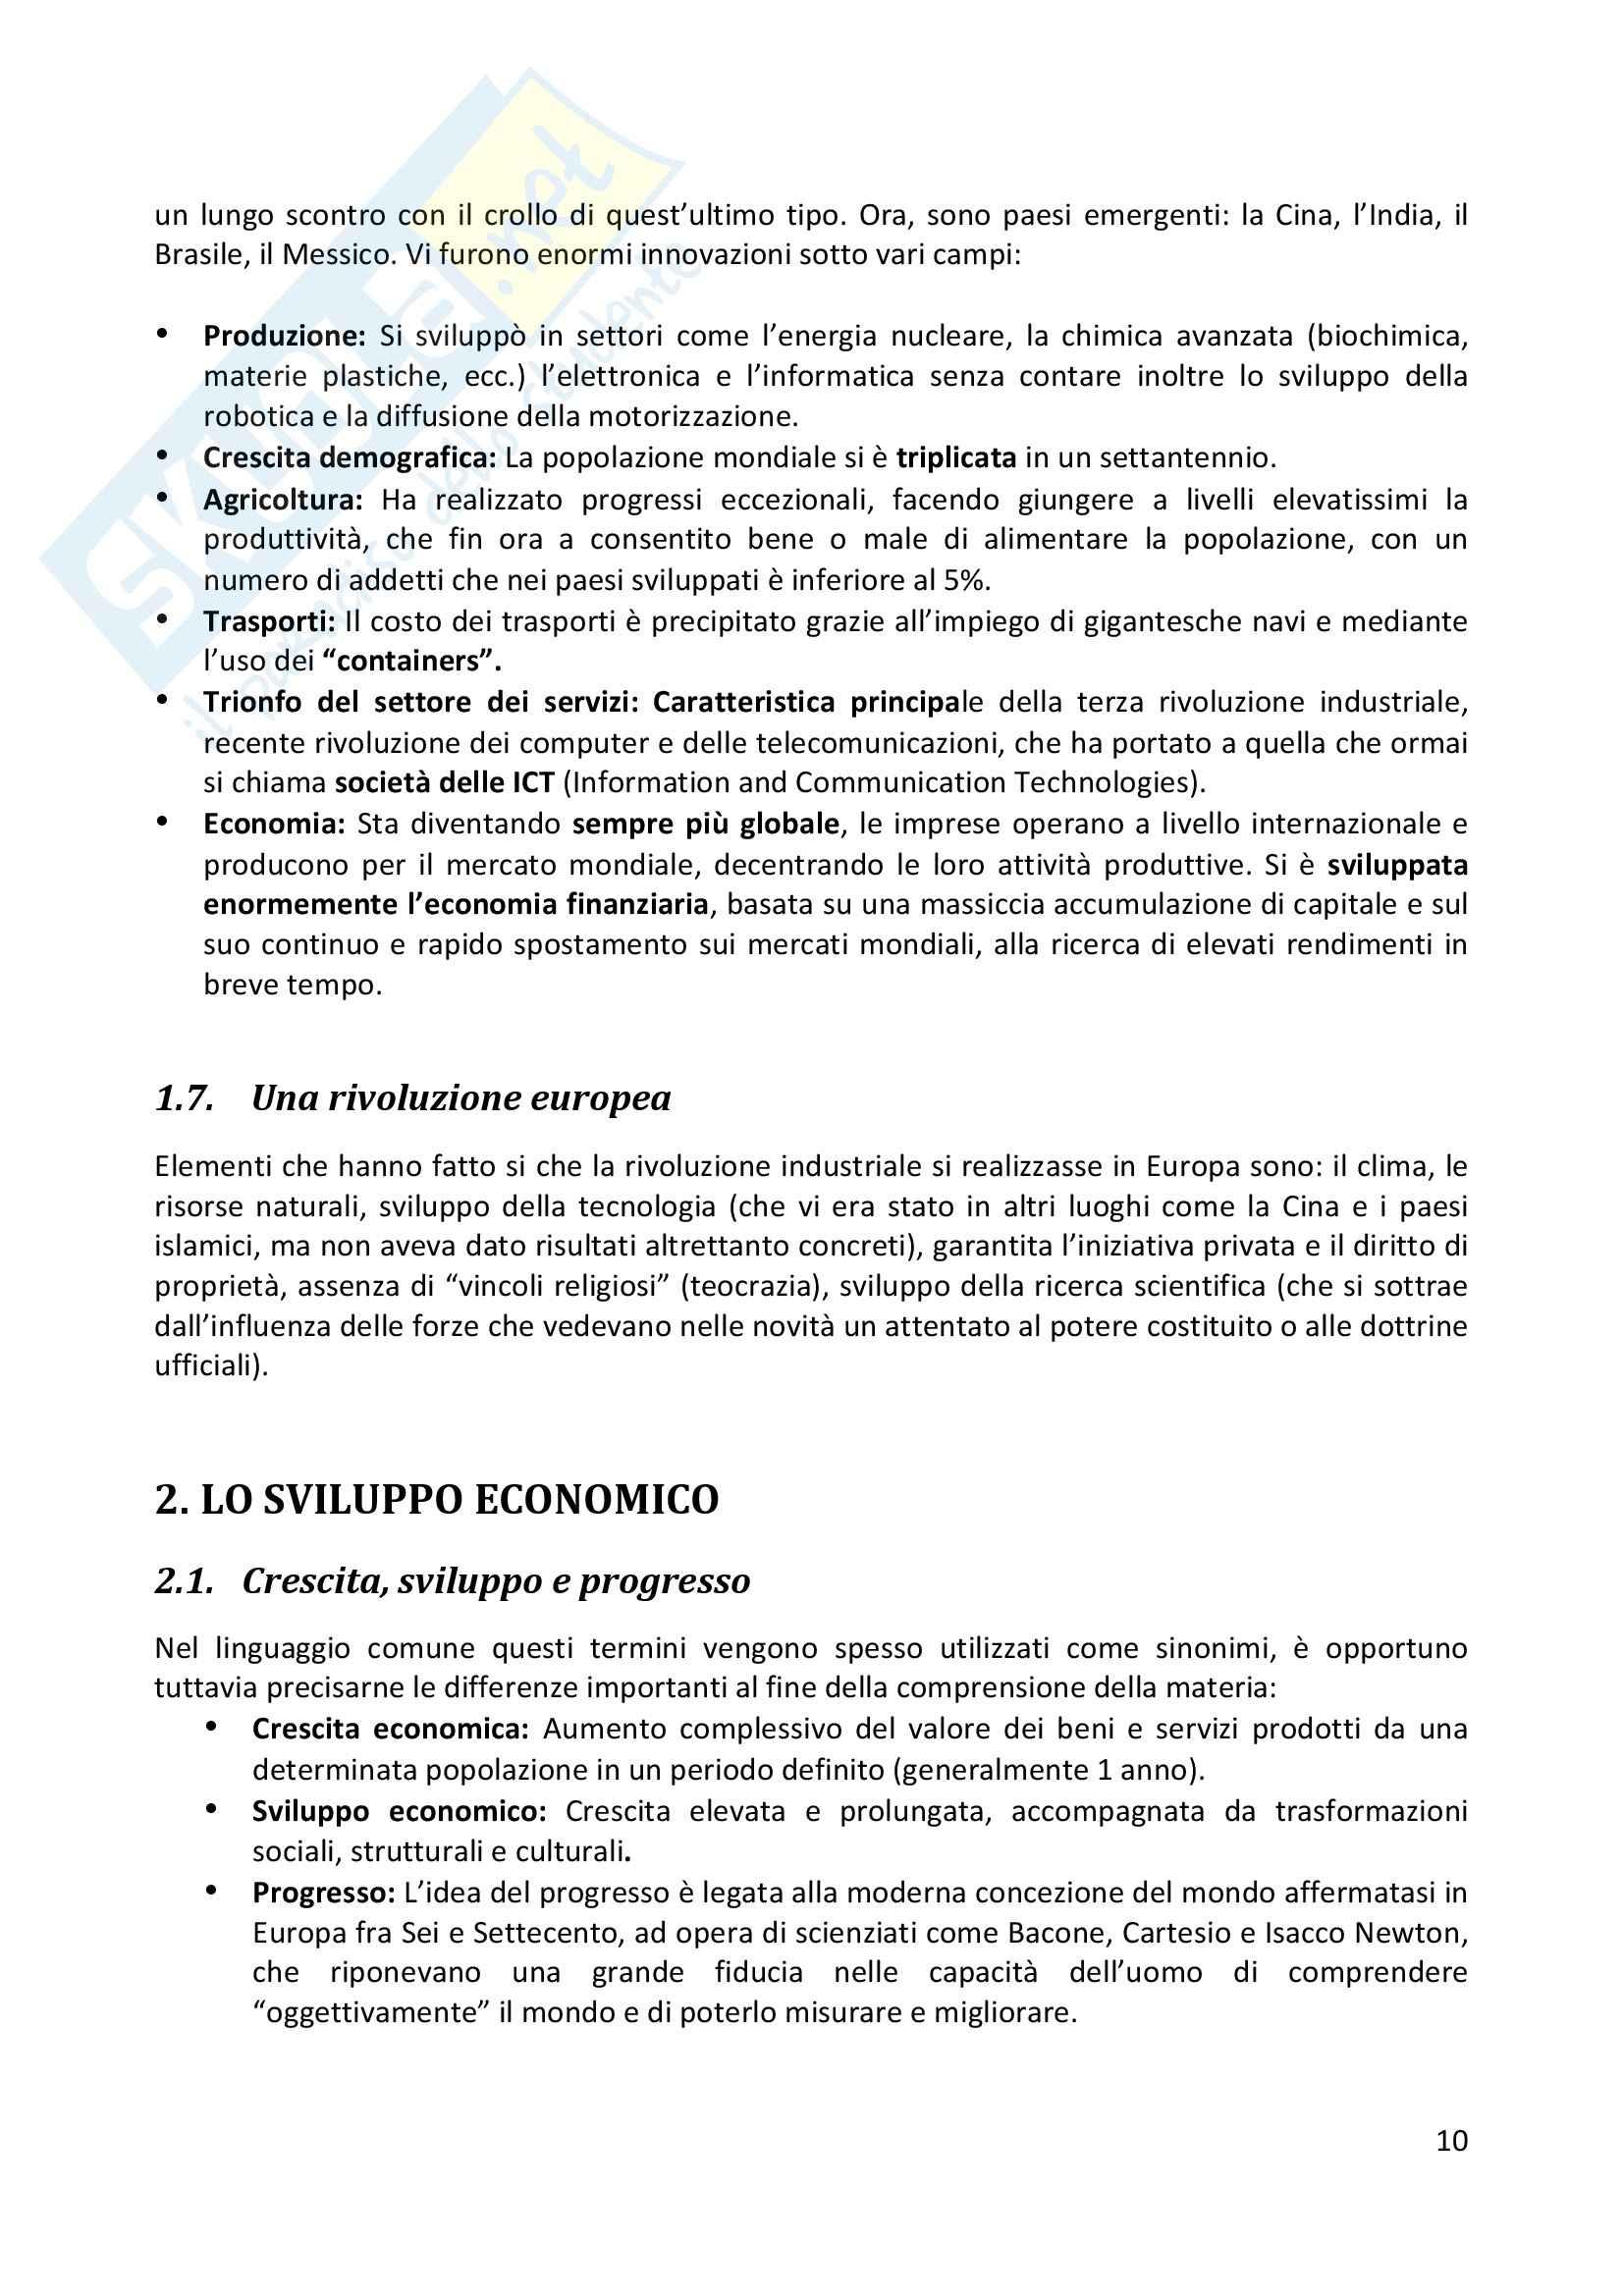 Riassunto esame completo per paragrafi- Storia Economica De Simone, prof. Di Taranto Pag. 11